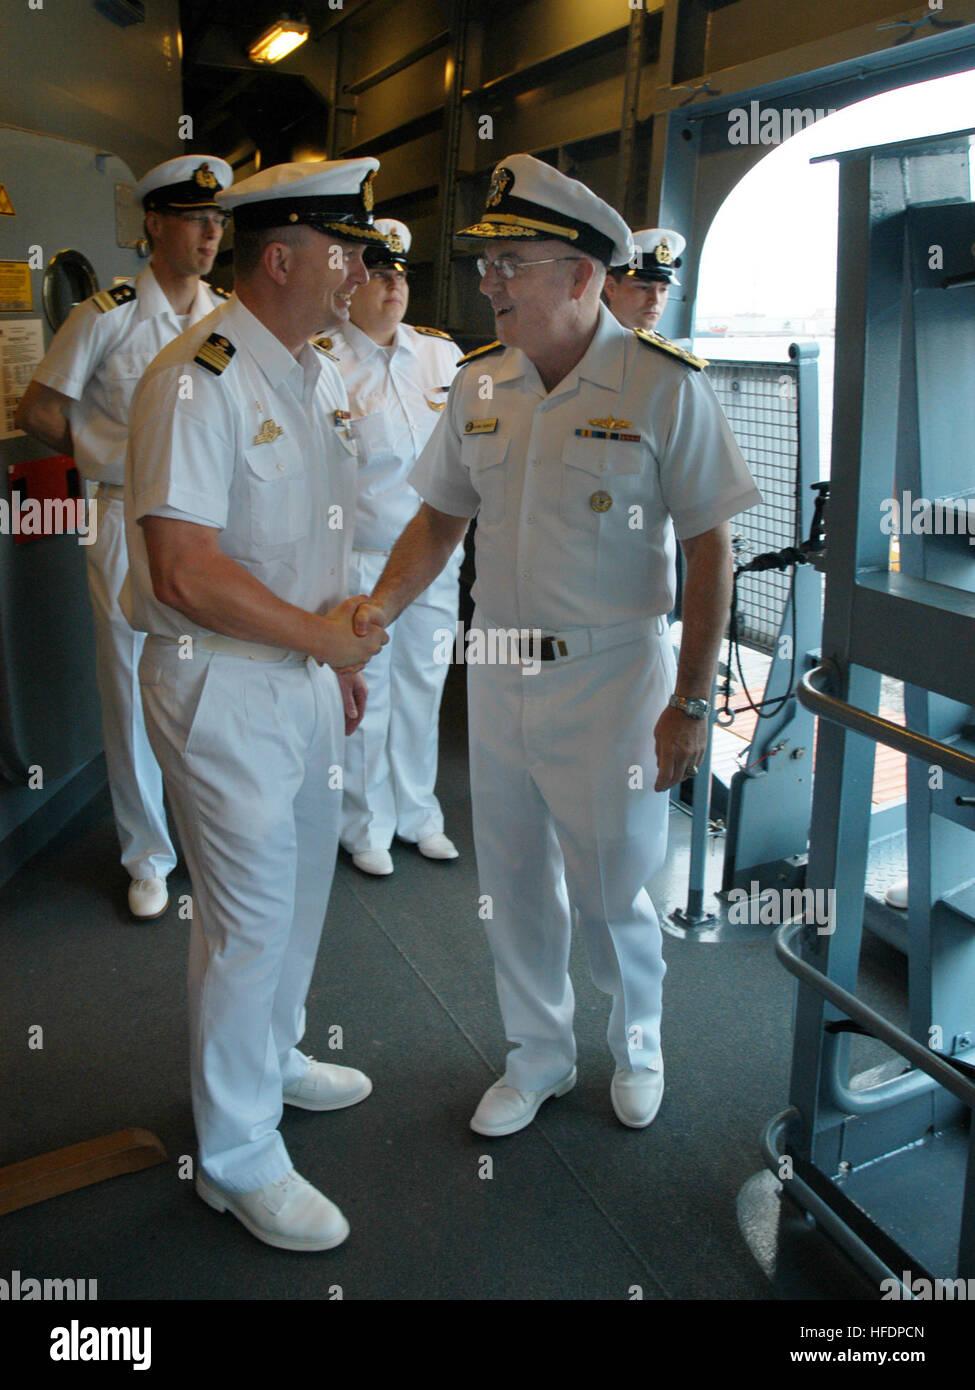 Baltimore Navy Week Stock Photos & Baltimore Navy Week Stock Images ...